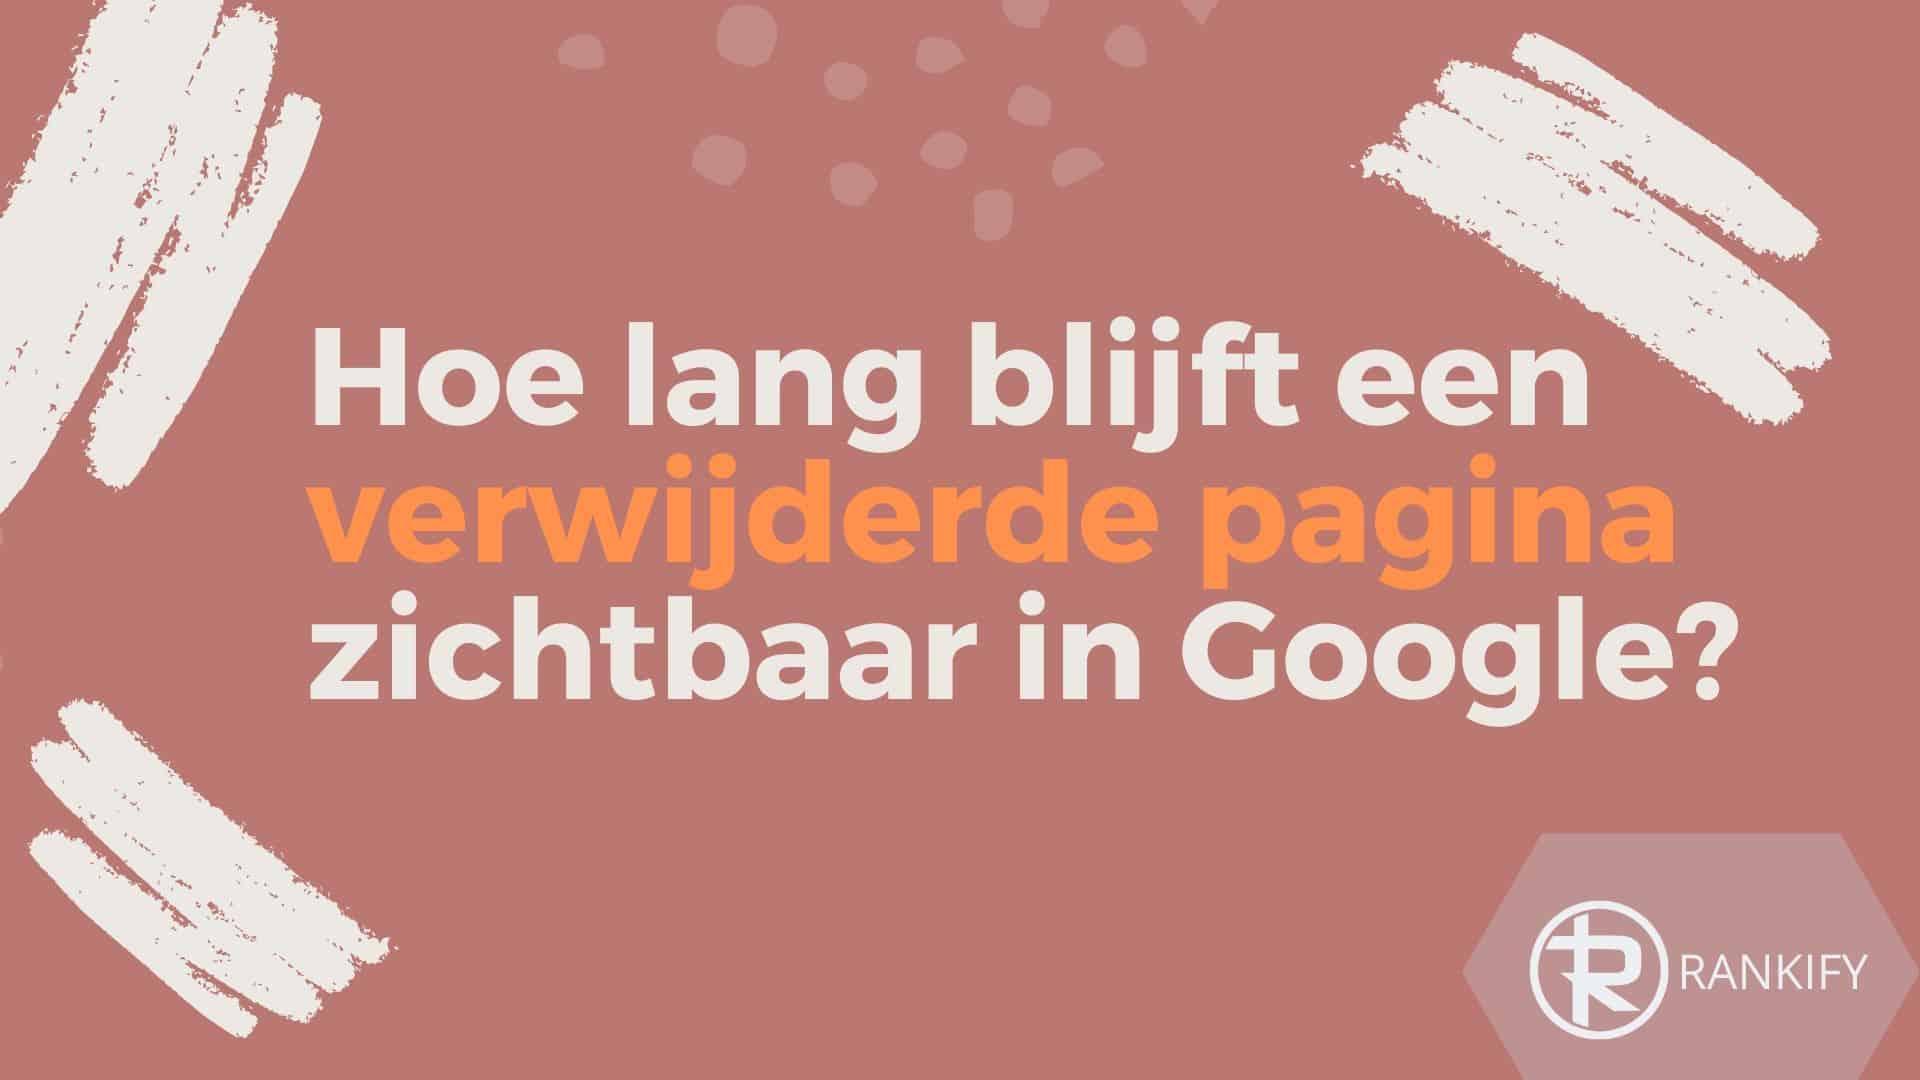 hoe lang blijven verwijderde pagina's zichtbaar in google